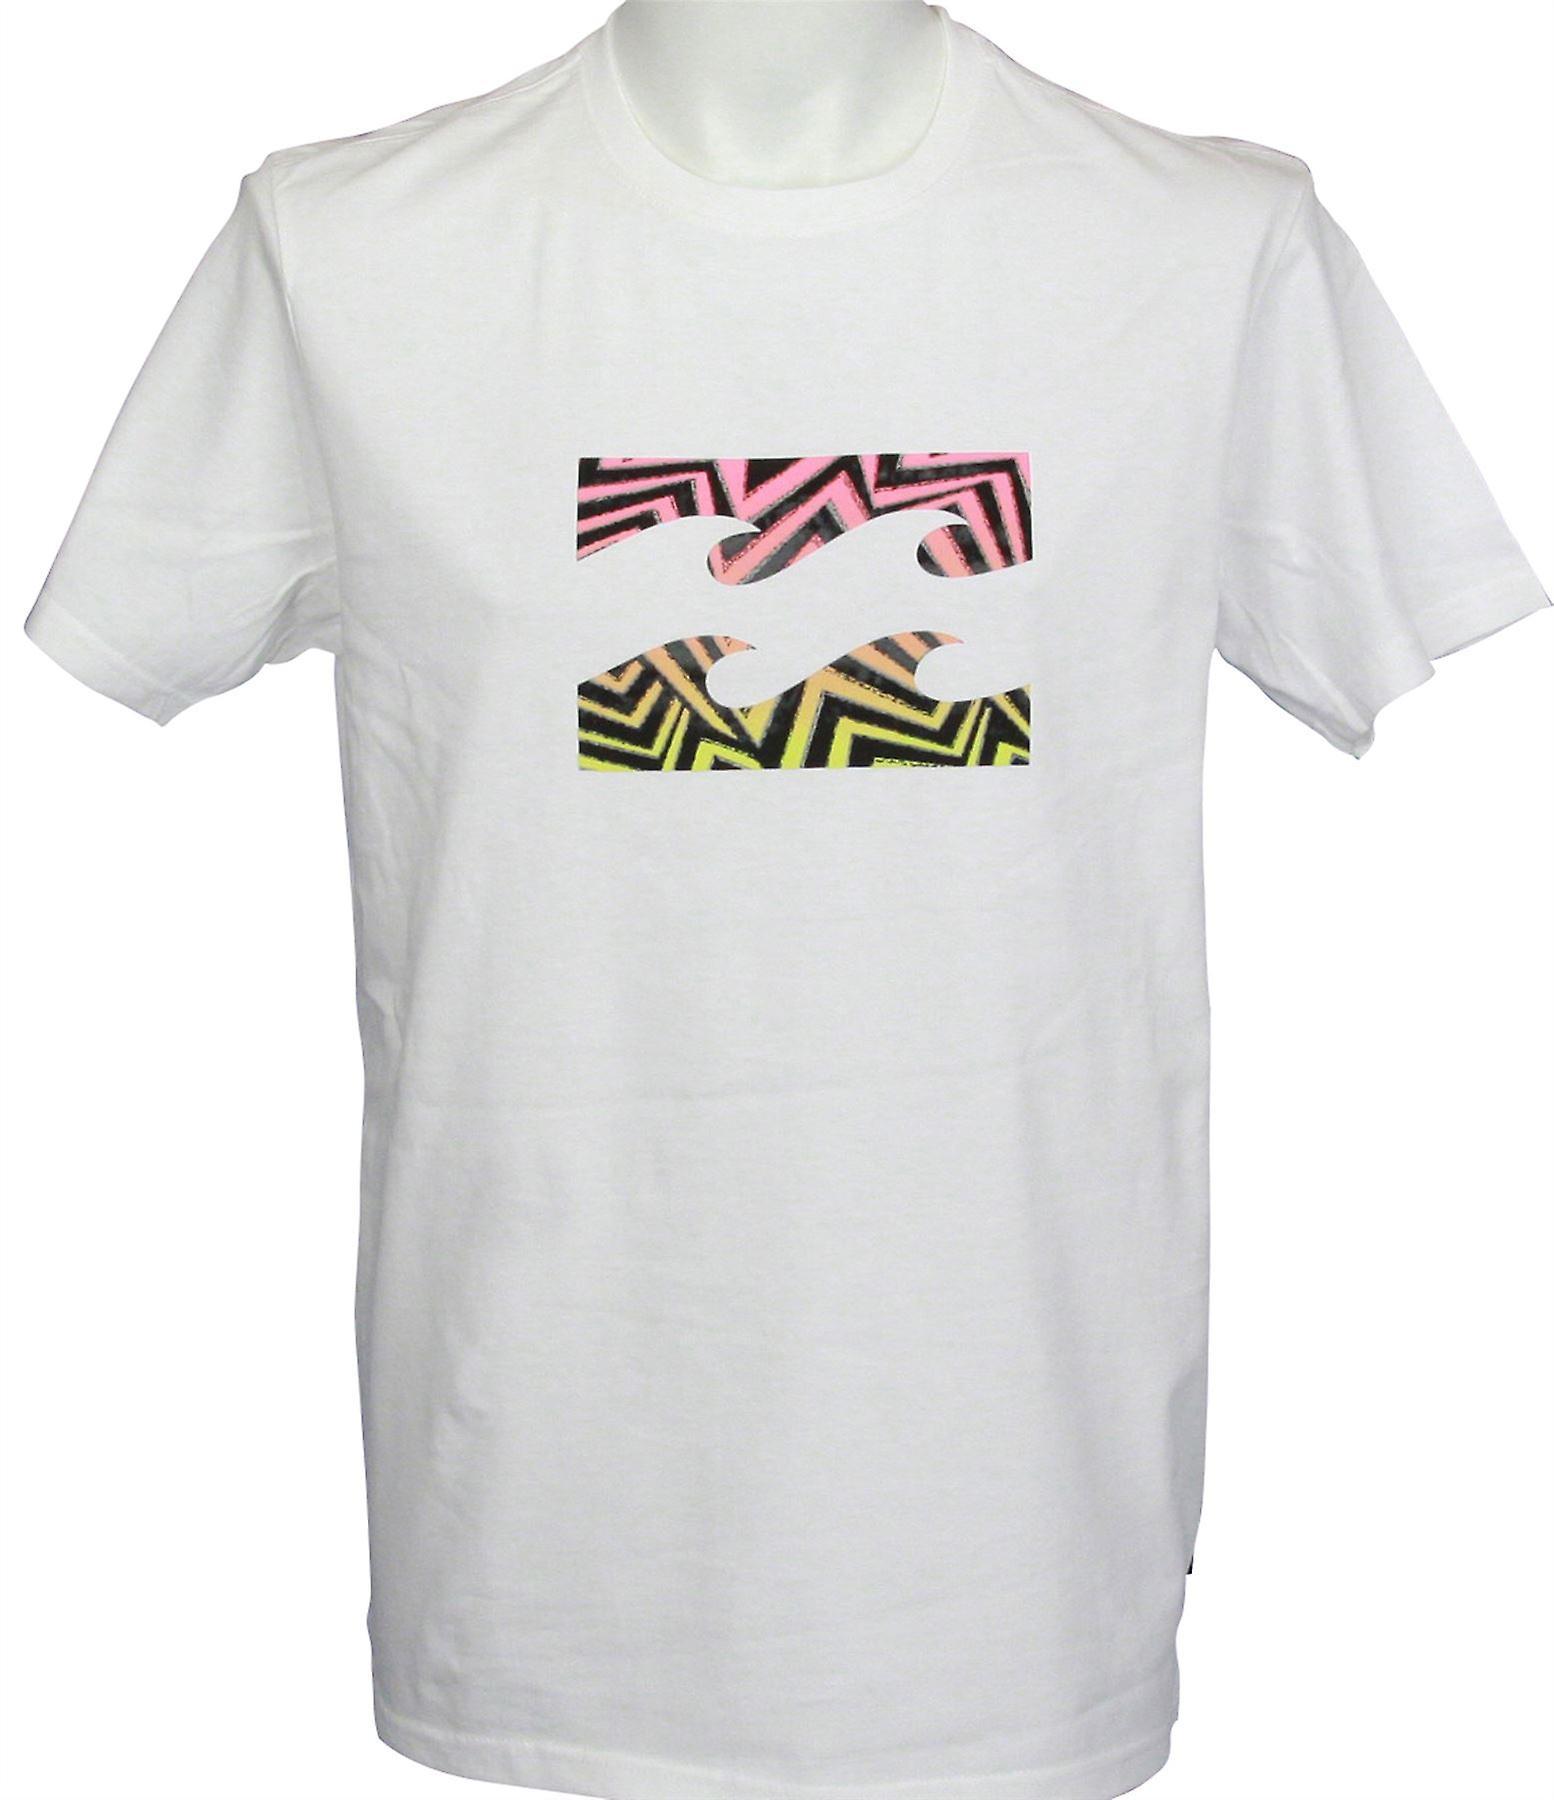 Billabong Men's T-Shirt ~ Team Wave white